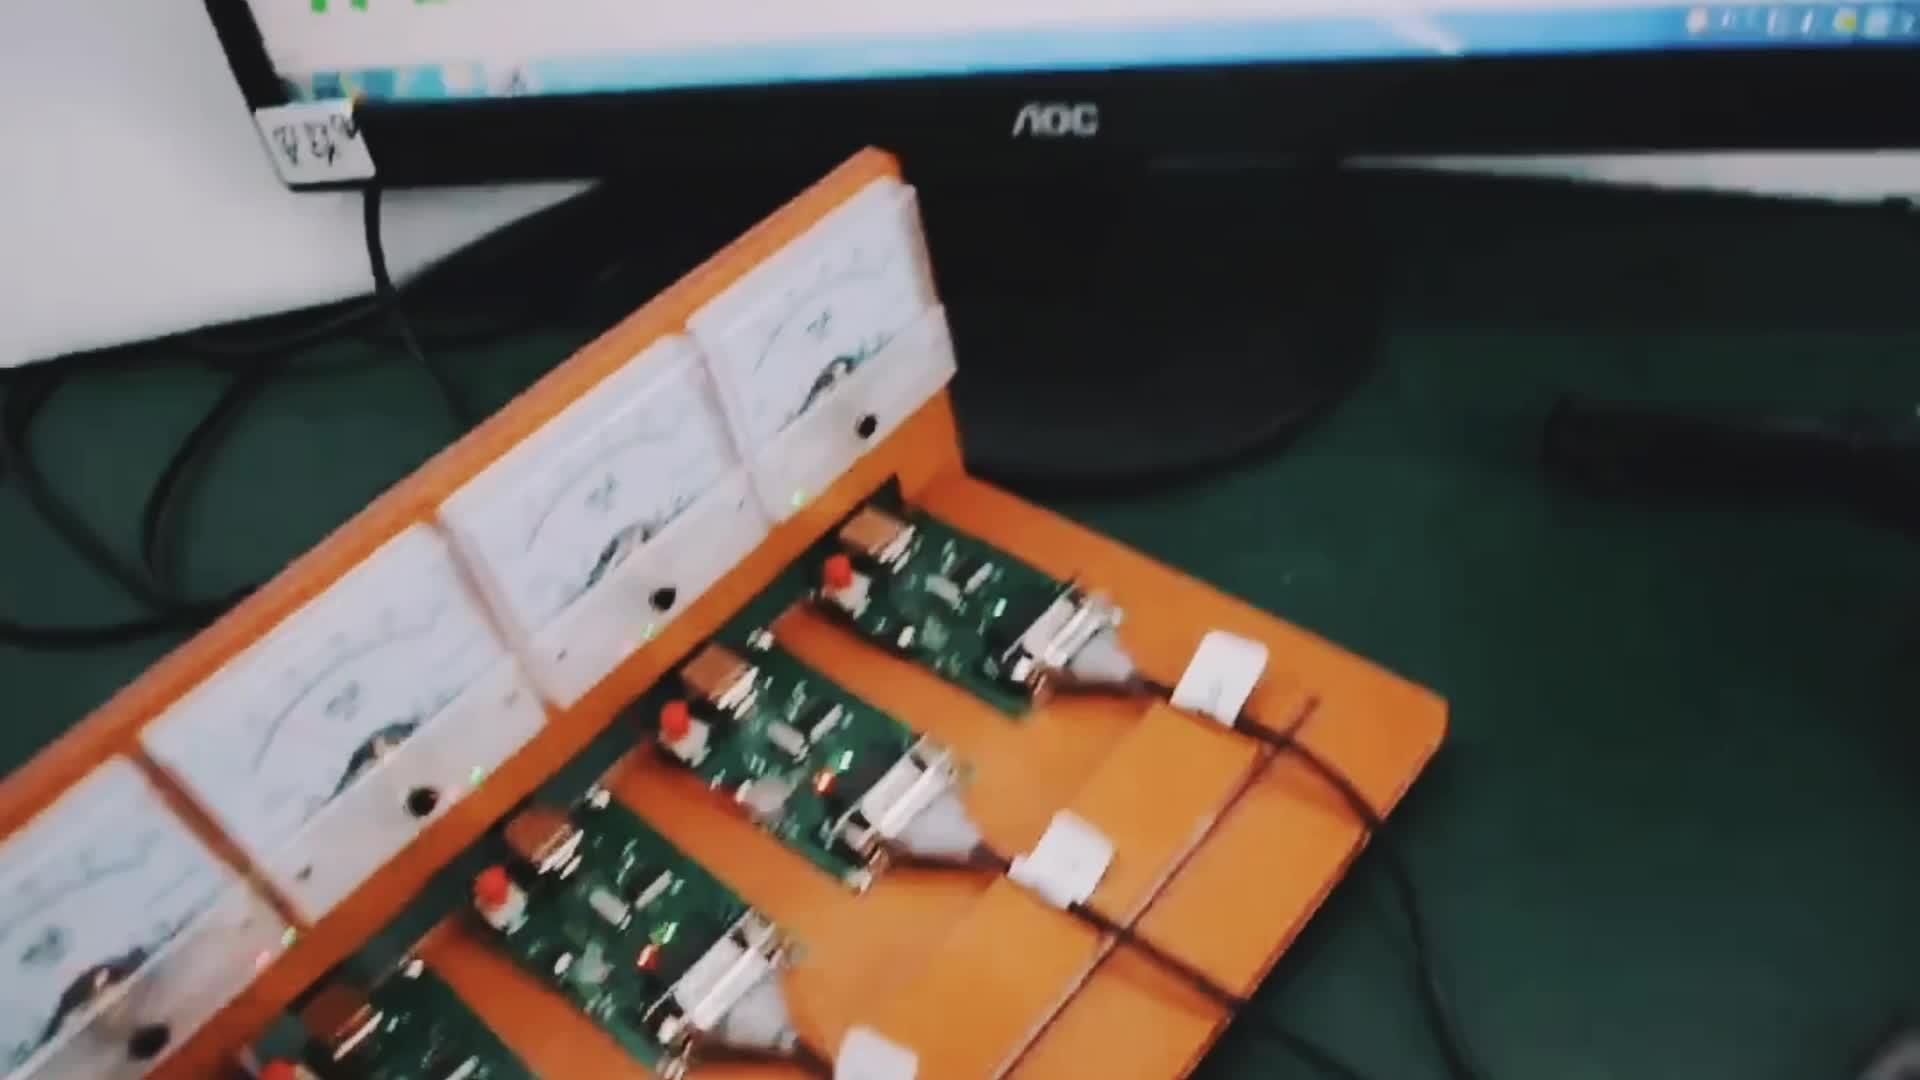 Molex UBX-M8030 चिप हाथ में पैड मोटर वाहन कार समय आवेदन RS232 GNSS जीपीएस रिसीवर मॉड्यूल